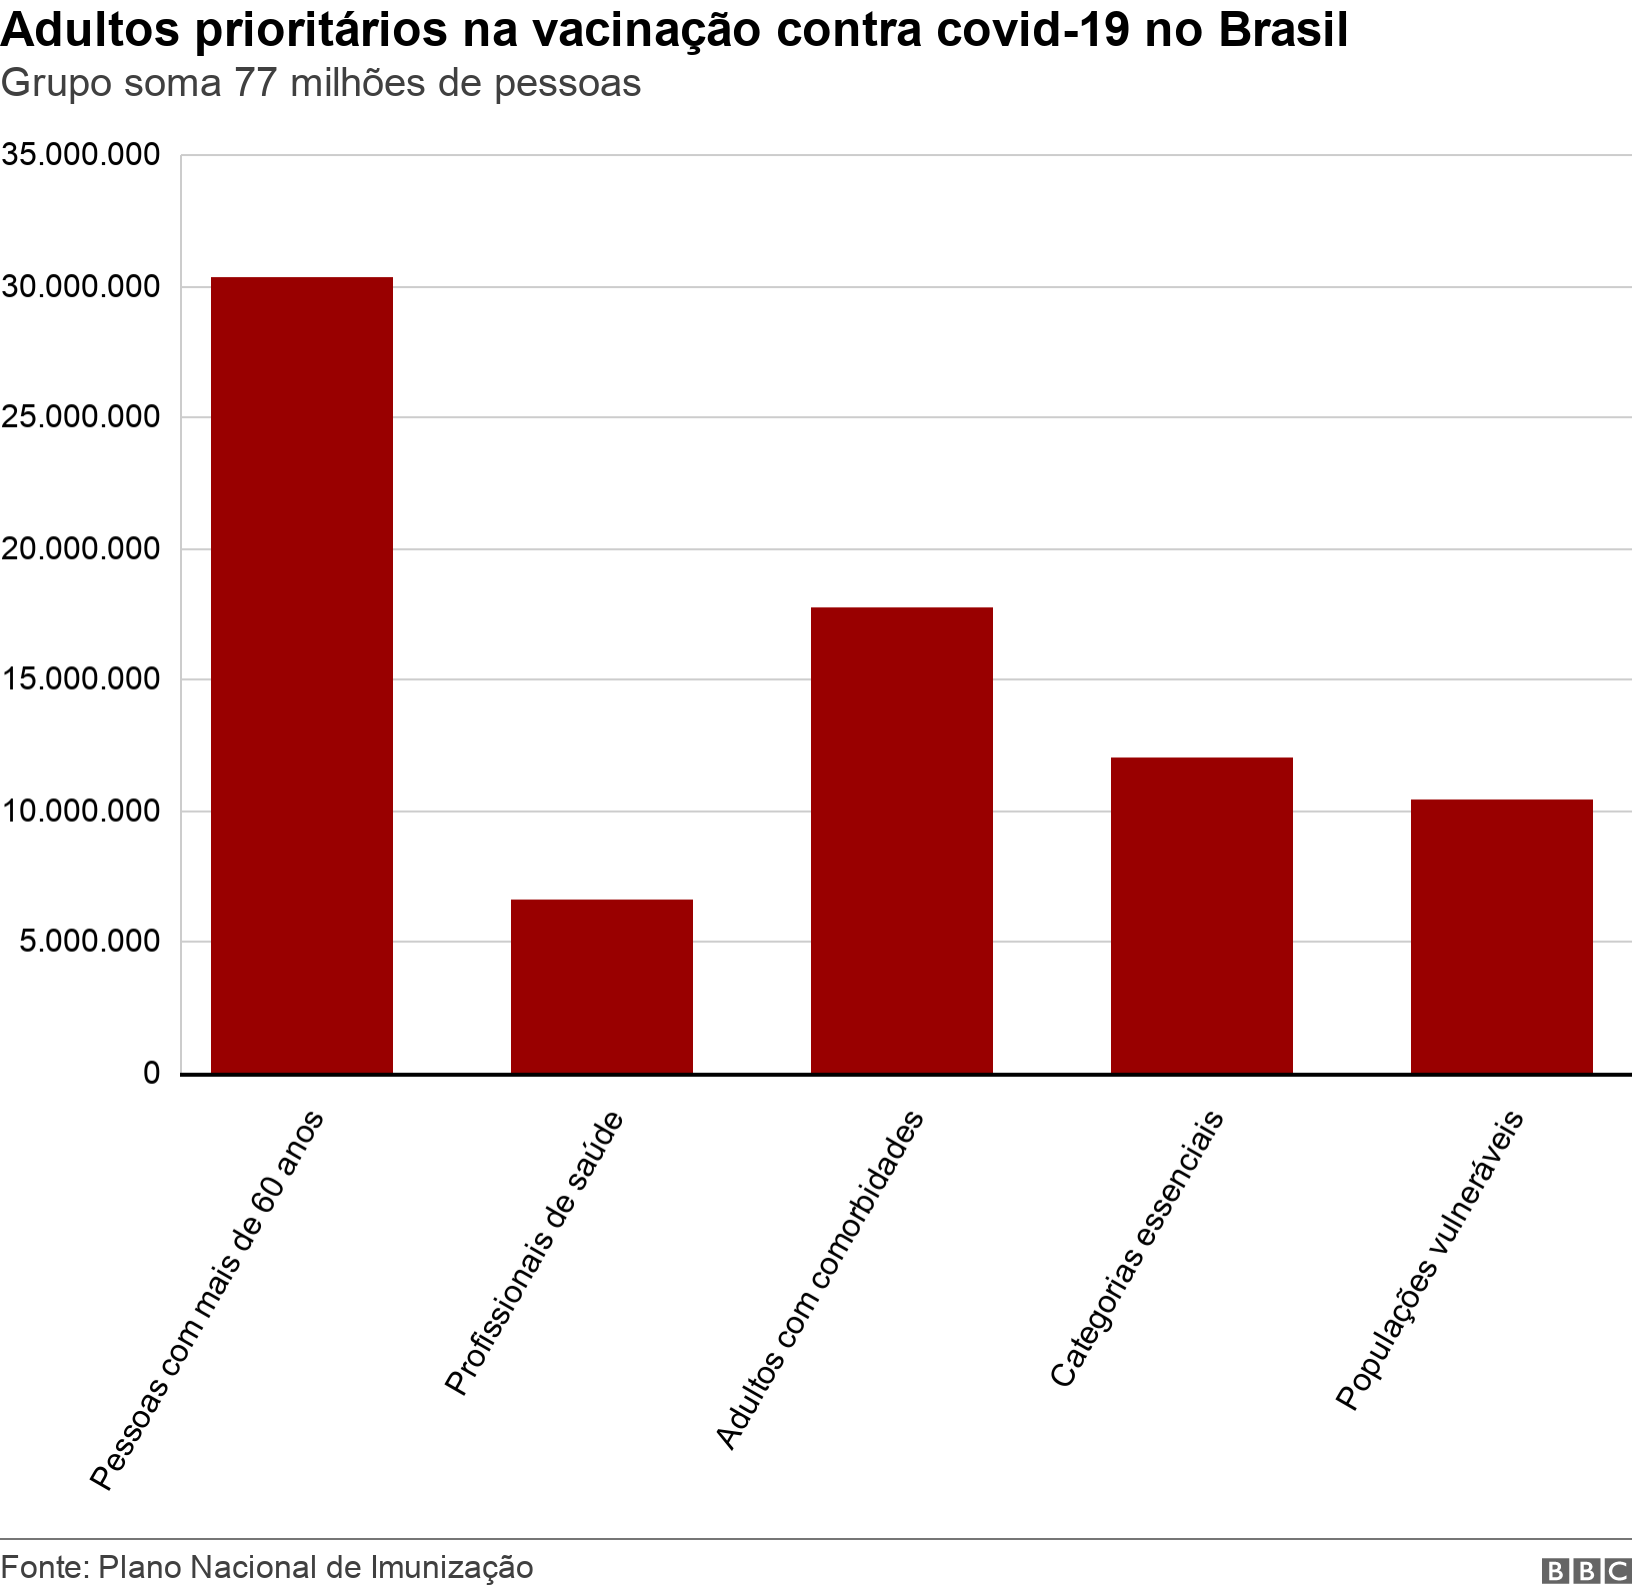 Adultos prioritários na vacinação contra covid-19 no Brasil. Grupo soma 77 milhões de pessoas.  .